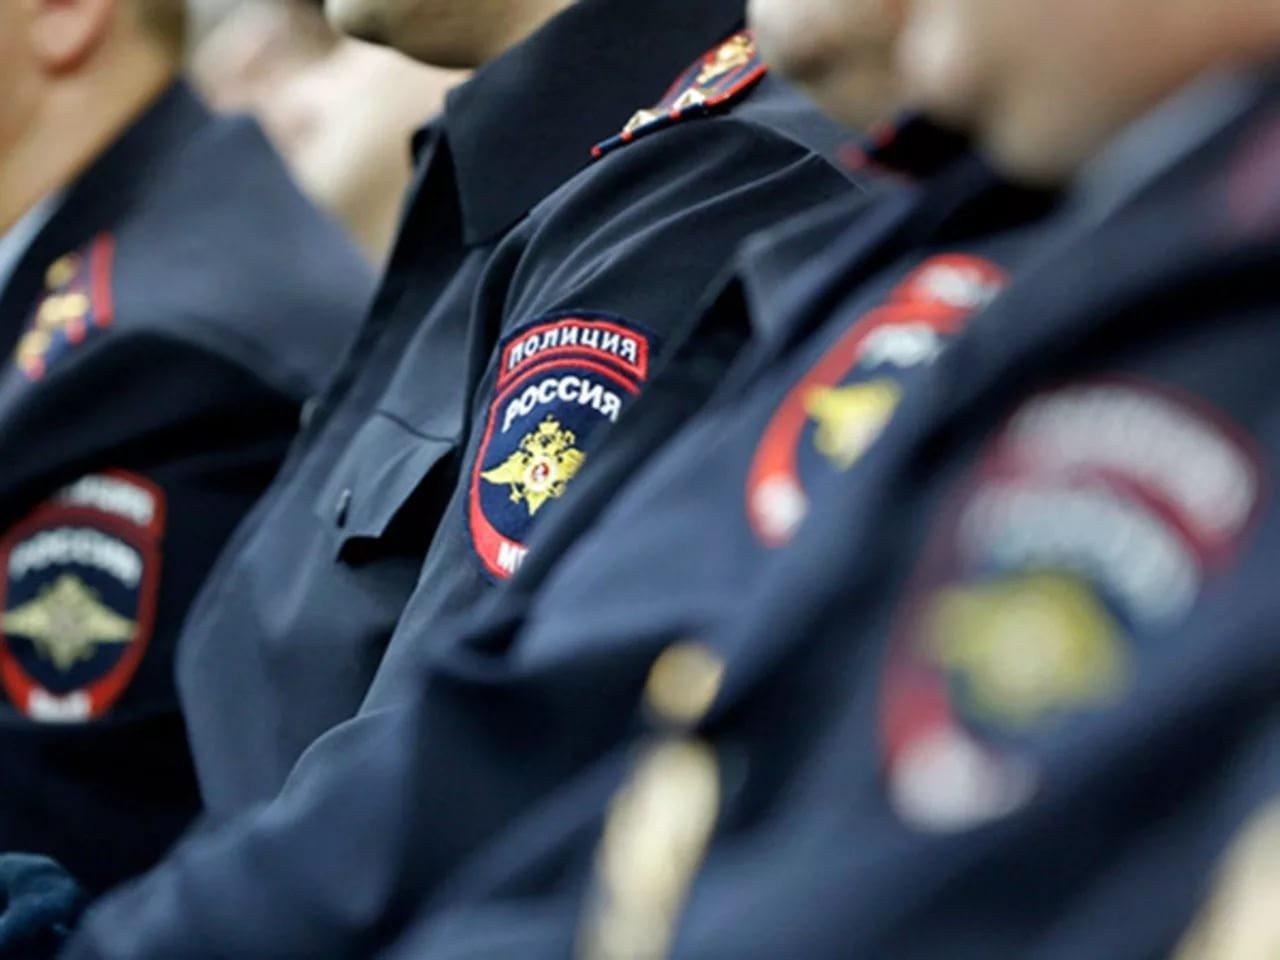 Начальника сократили  изантикоррупционного главка МВД Российской Федерации  затайную квартиру